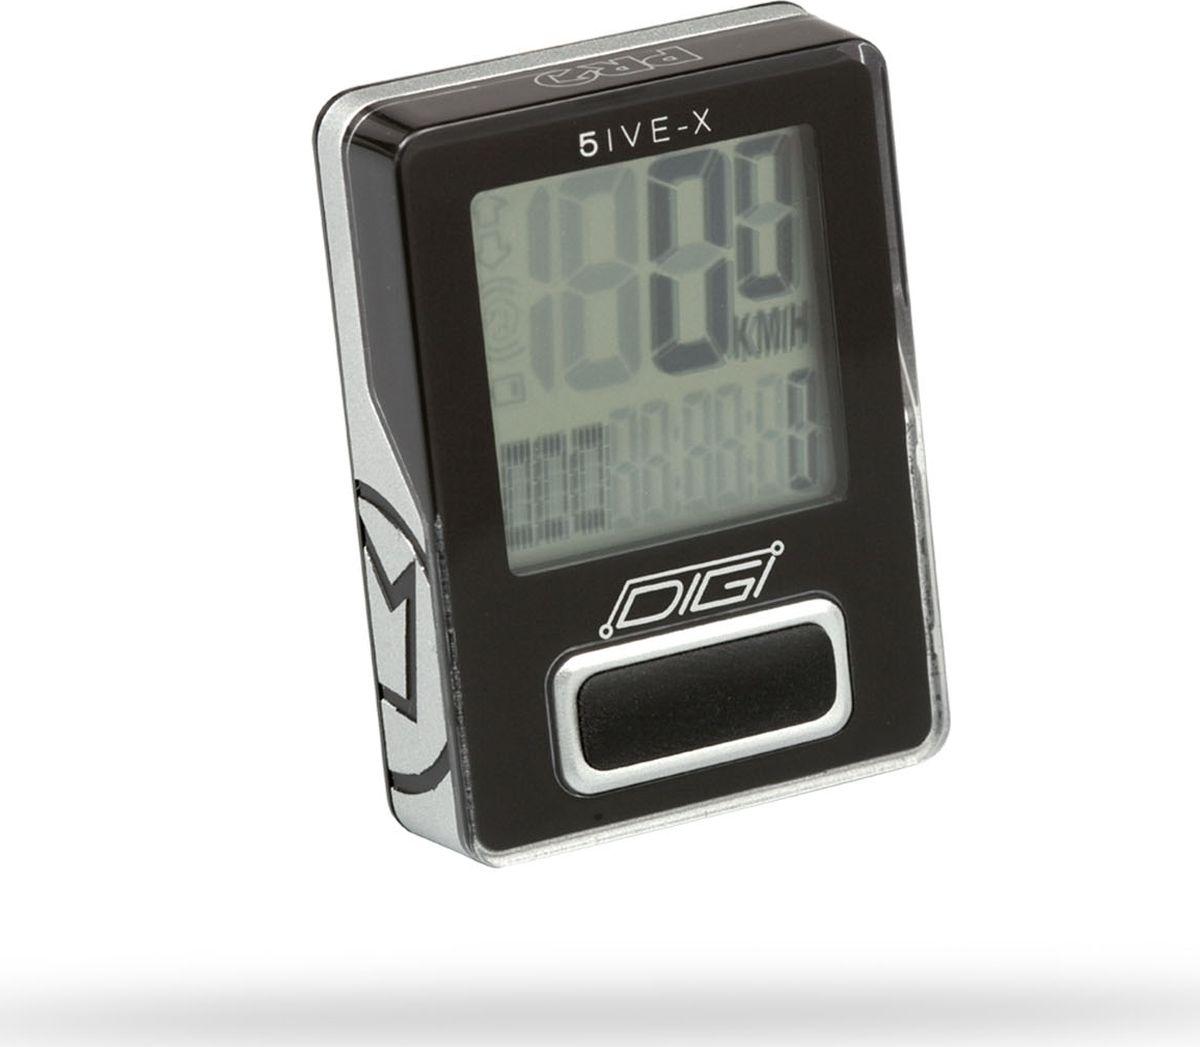 Велокомпьютер Pro Digi 5IVE, беспроводной, 5 функций, цвет: черныйPRCC0006Беспроводоной велокомпьютер Pro Digi 5IVE оснащен 5 функциями. Функции: -текущая скорость, -текущее расстояние,-часы с секундомером,-точность скорости до десятых долей (0,1 км/ч),-точность дистанции до 10 метров (0,01 км).Гид по велоаксессуарам. Статья OZON Гид